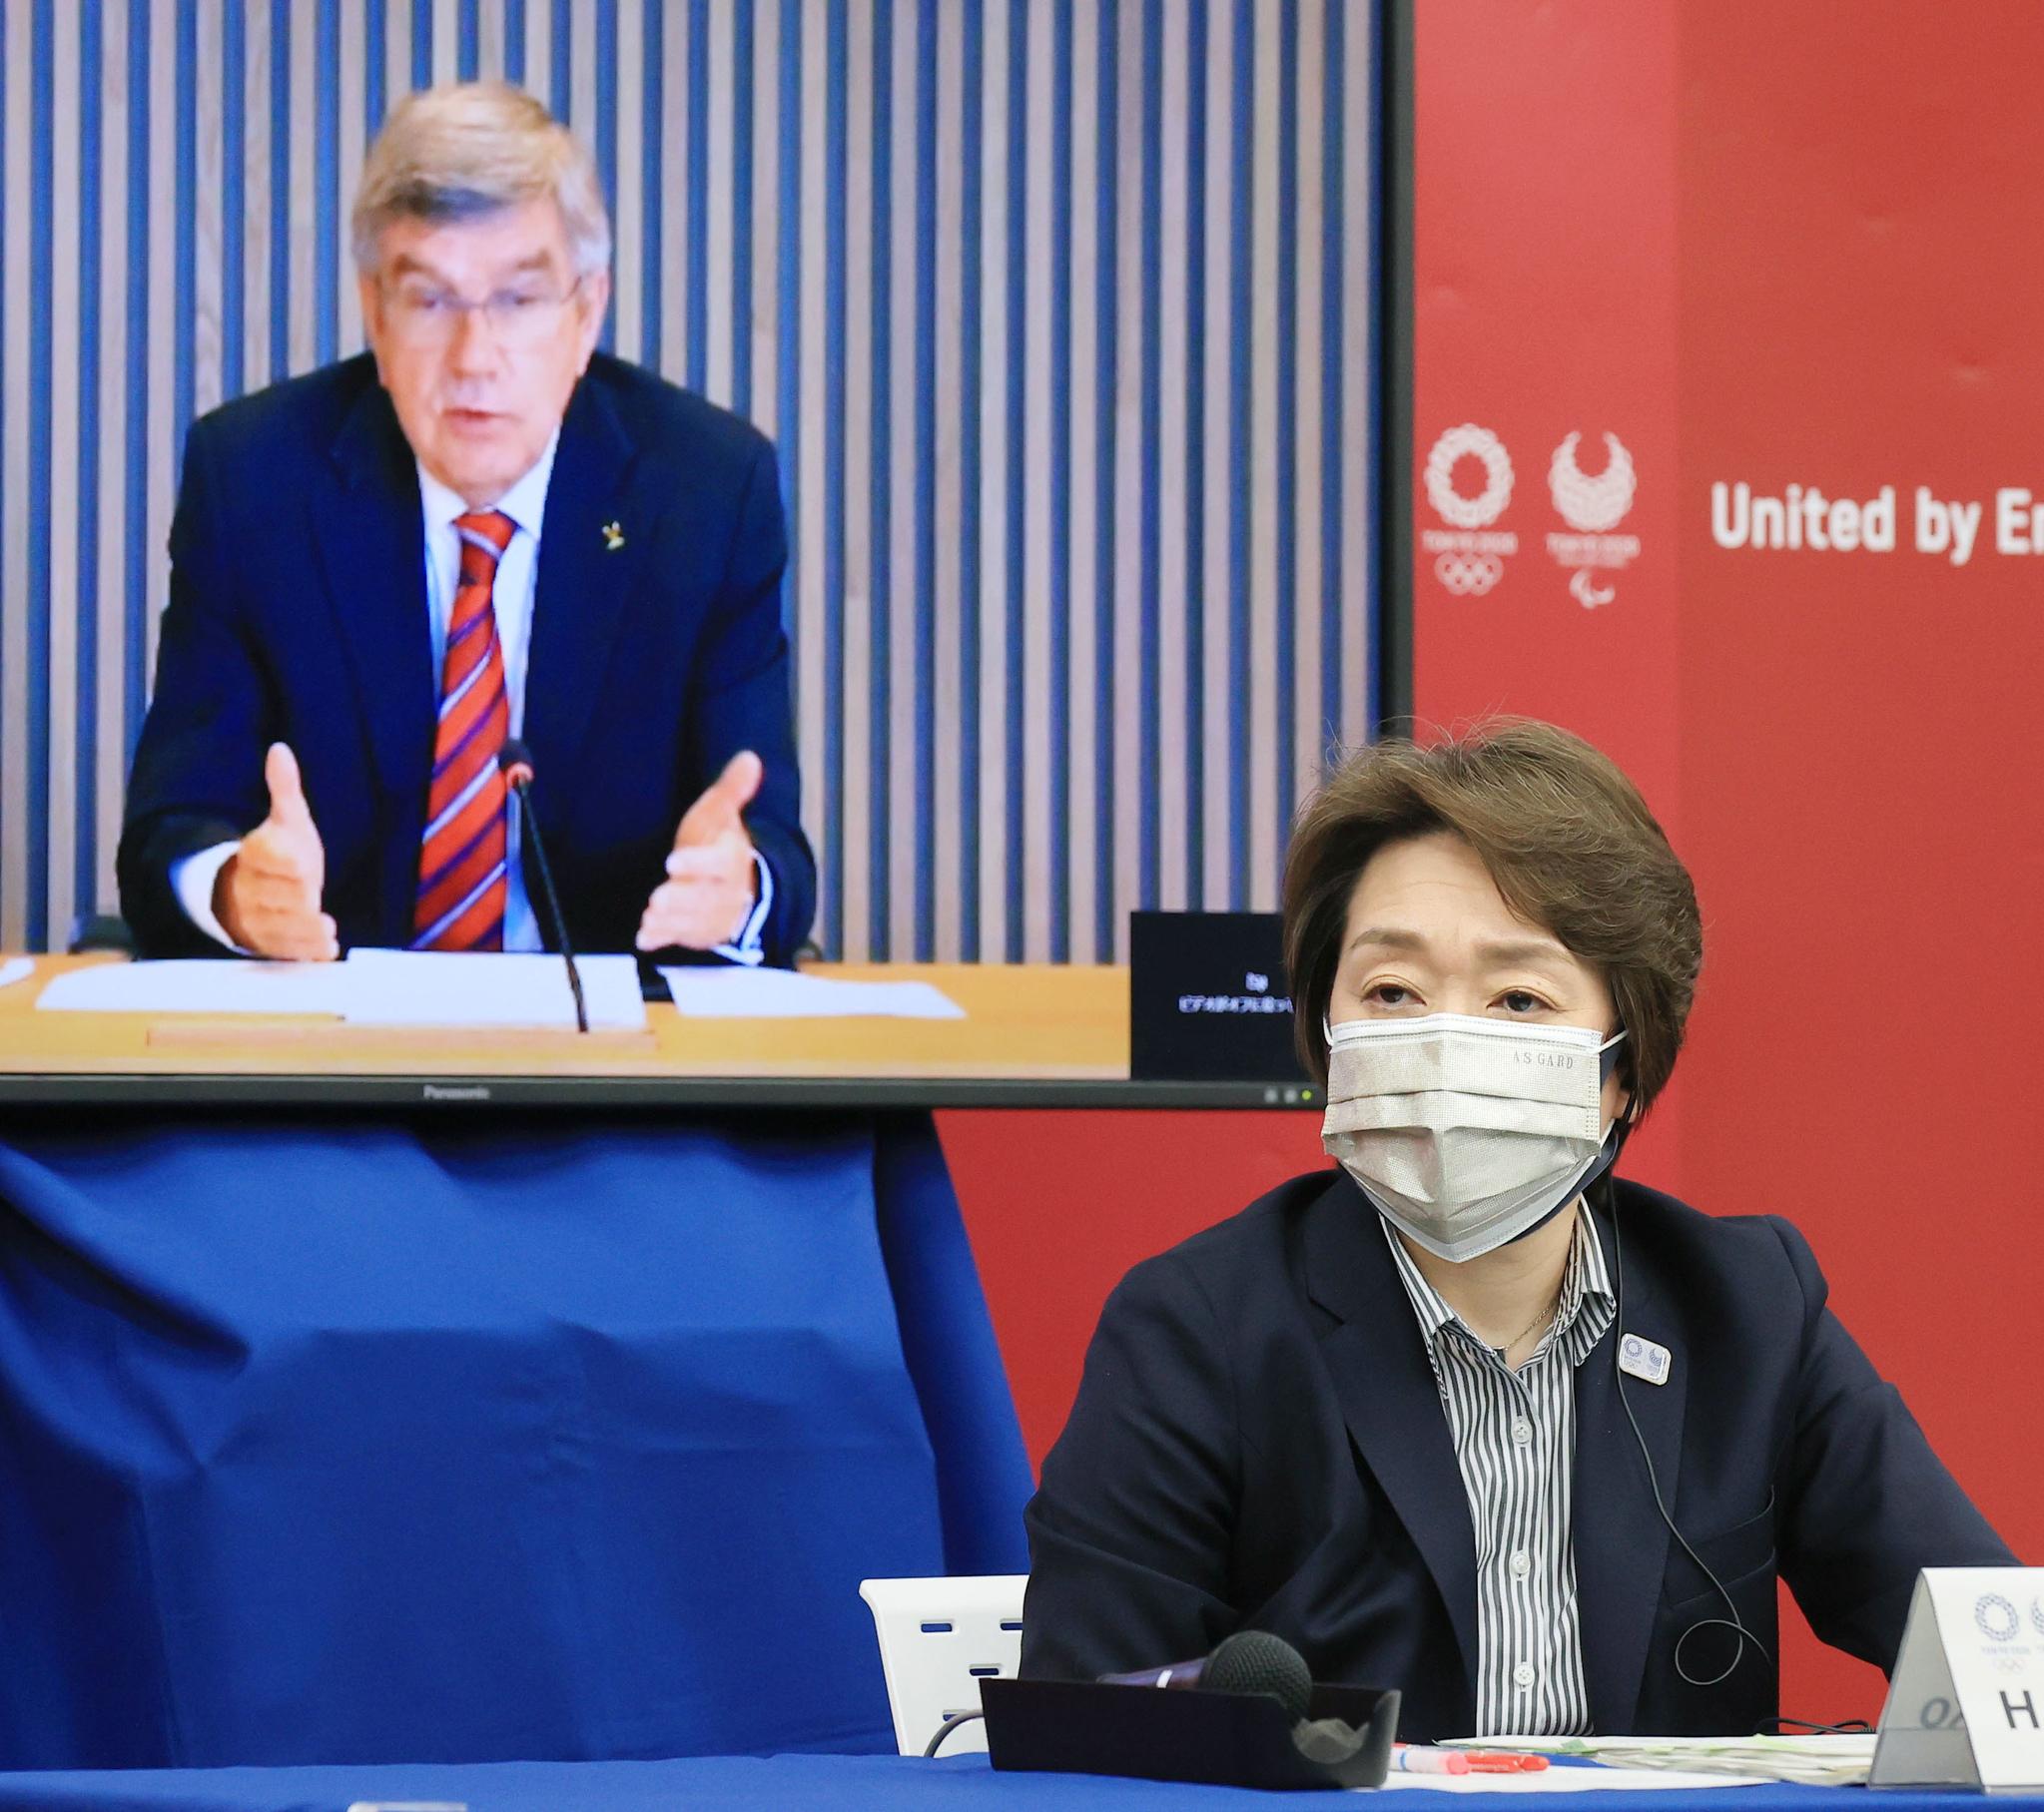 하시모토 세이코(앞쪽) 대회 조직위원회 회장이 28일 열린 2020도쿄올림픽 패럴림픽 5자 온라인 회의에서 토마스 바흐 국제올림픽위원회 위원장 발언을 듣고 있다. [연합뉴스]